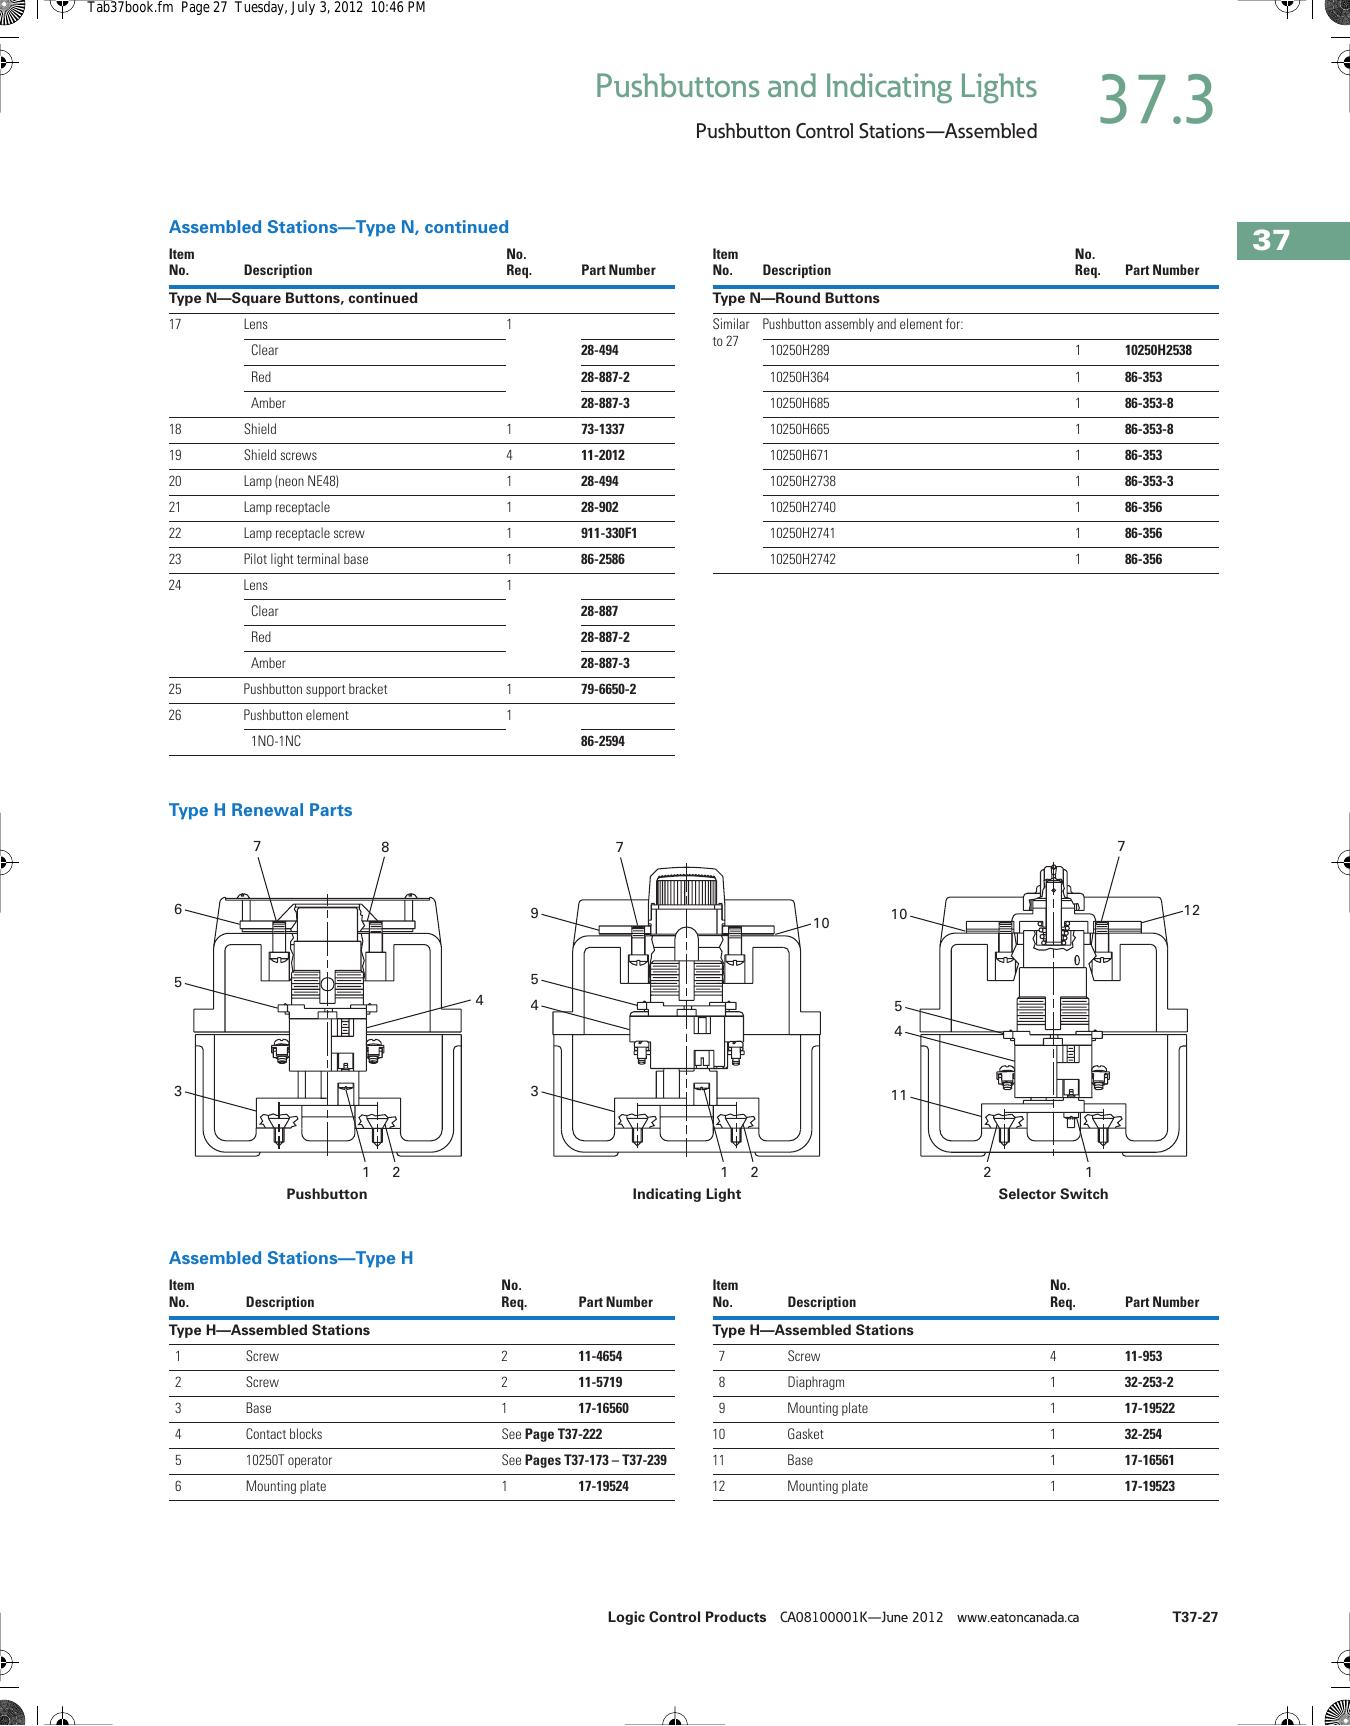 PLC Processors 10250TA5 NEW IN BOX EATON CORPORATION